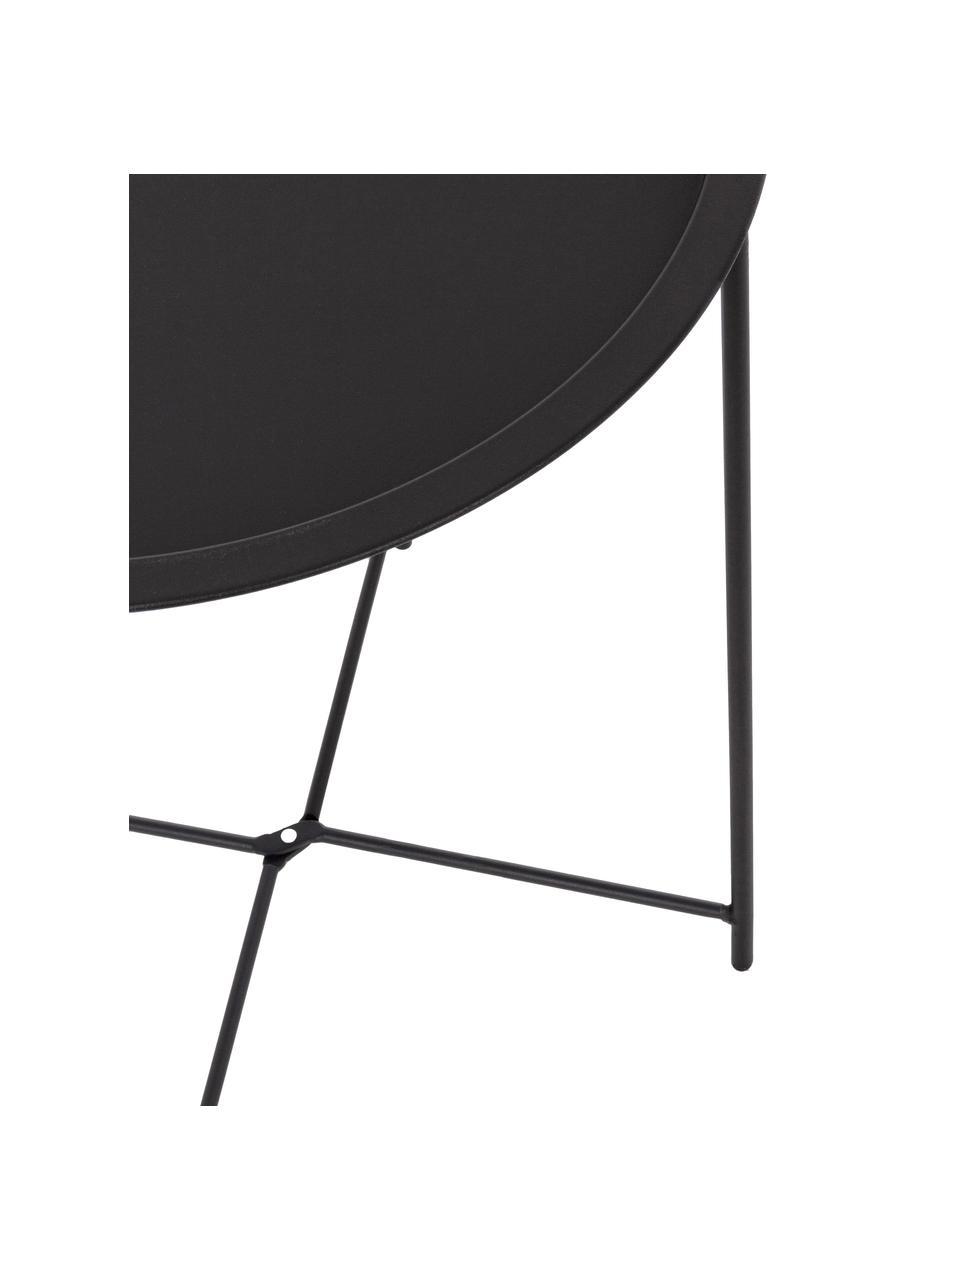 Metalen outdoor bijzettafel Wissant, Gepoedercoat staal, Zwart, Ø 46 x H 52 cm